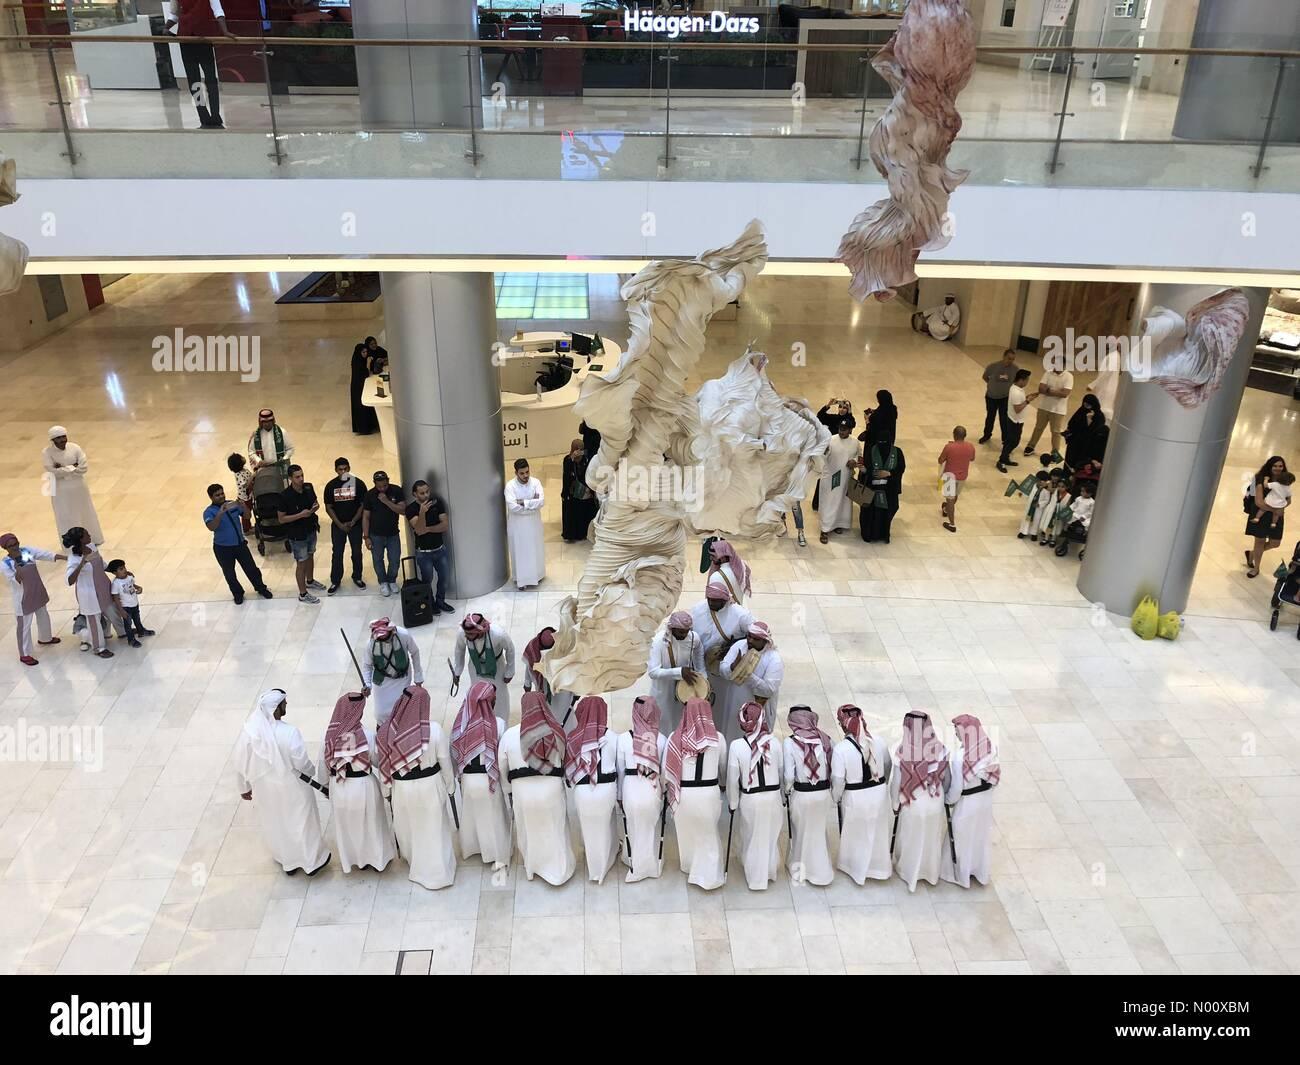 Yas Mall Abu Dhabi, UAE. 23 September, 2018: Saudi national day celebrations held as Traditional Dancers performers in sync - Yas Mall Abu Dhabi, UAE. Credit: Mava Fahd/StockimoNews/Alamy Live News - Stock Image